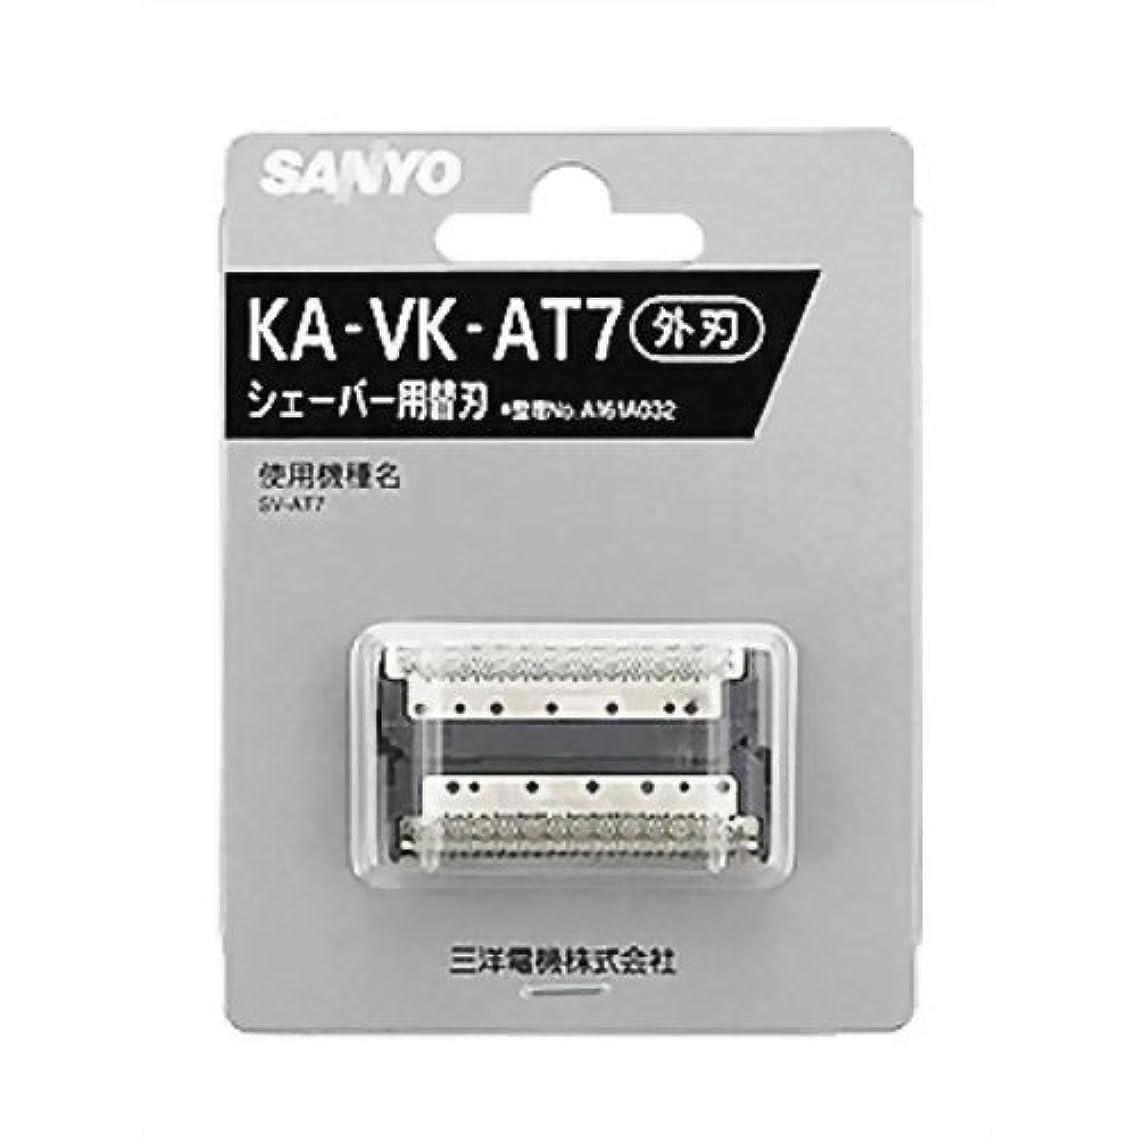 まぶしさ歯プログラムSANYO メンズシェーバー替刃(外刃) KA-VK-AT7